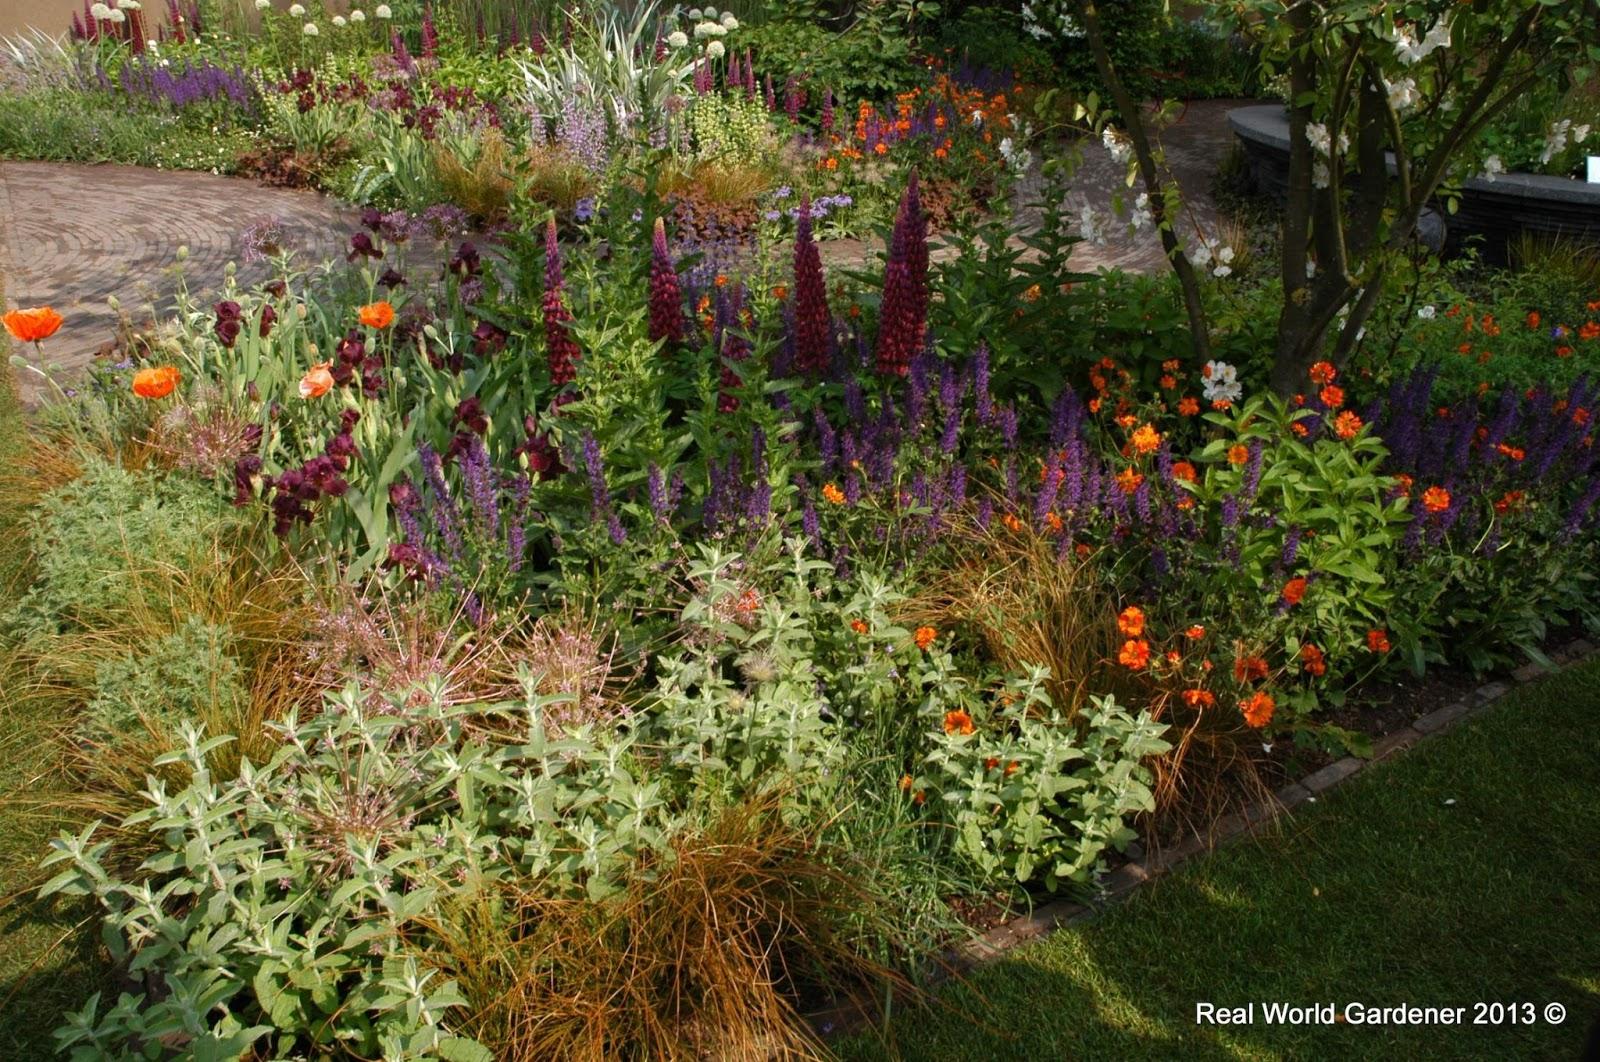 Real World Gardener: Red Hot Garden Design